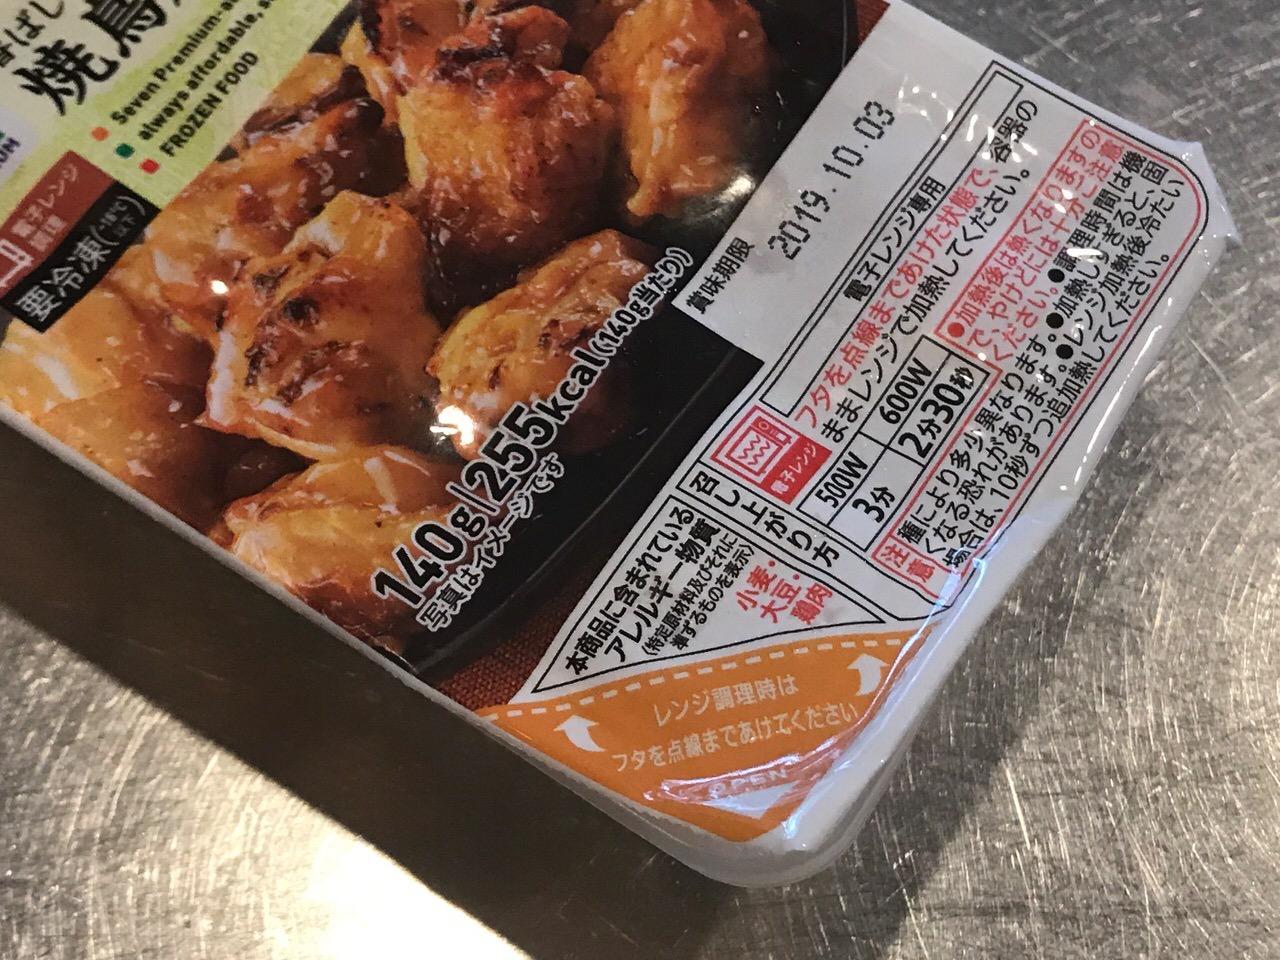 セブンイレブンの冷凍食品「焼鳥炭火焼」アップ